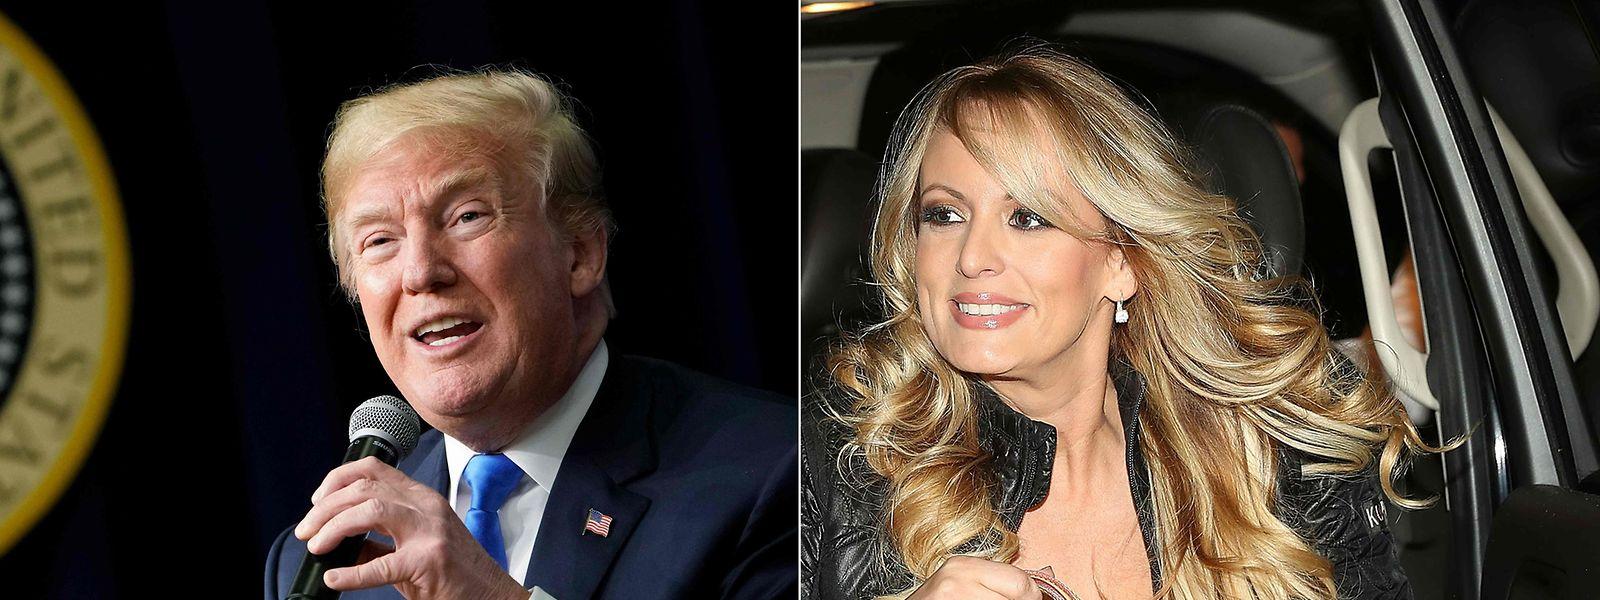 Daniels, die mit bürgerlichem Namen Stephanie Clifford heißt, sagt, dass sie 2006 Sex mit Donald Trump hatte.